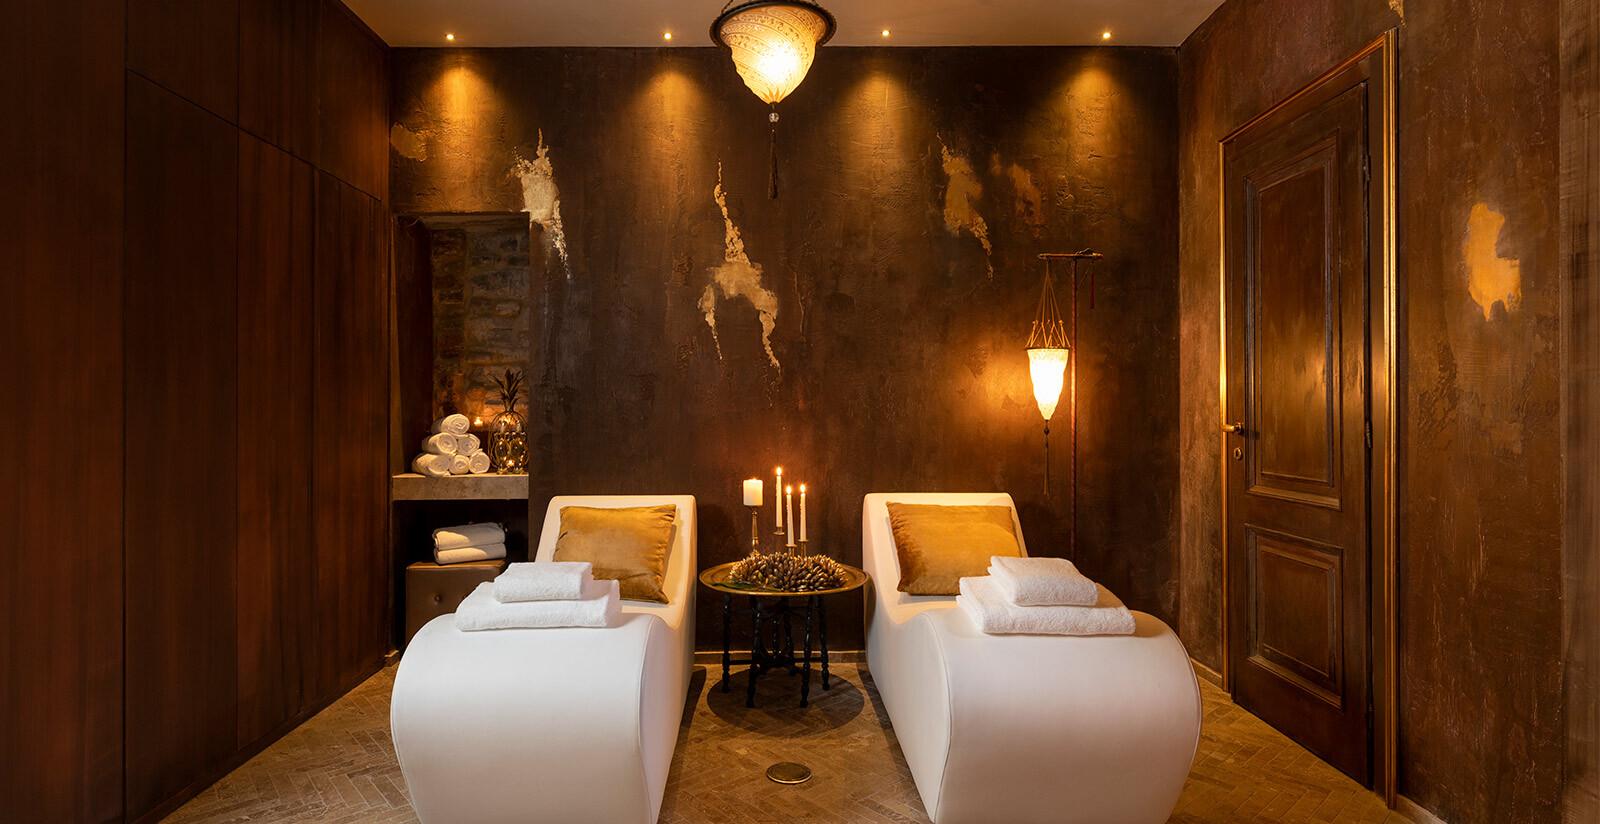 La spa a Venezia dell'Hotel Metropole